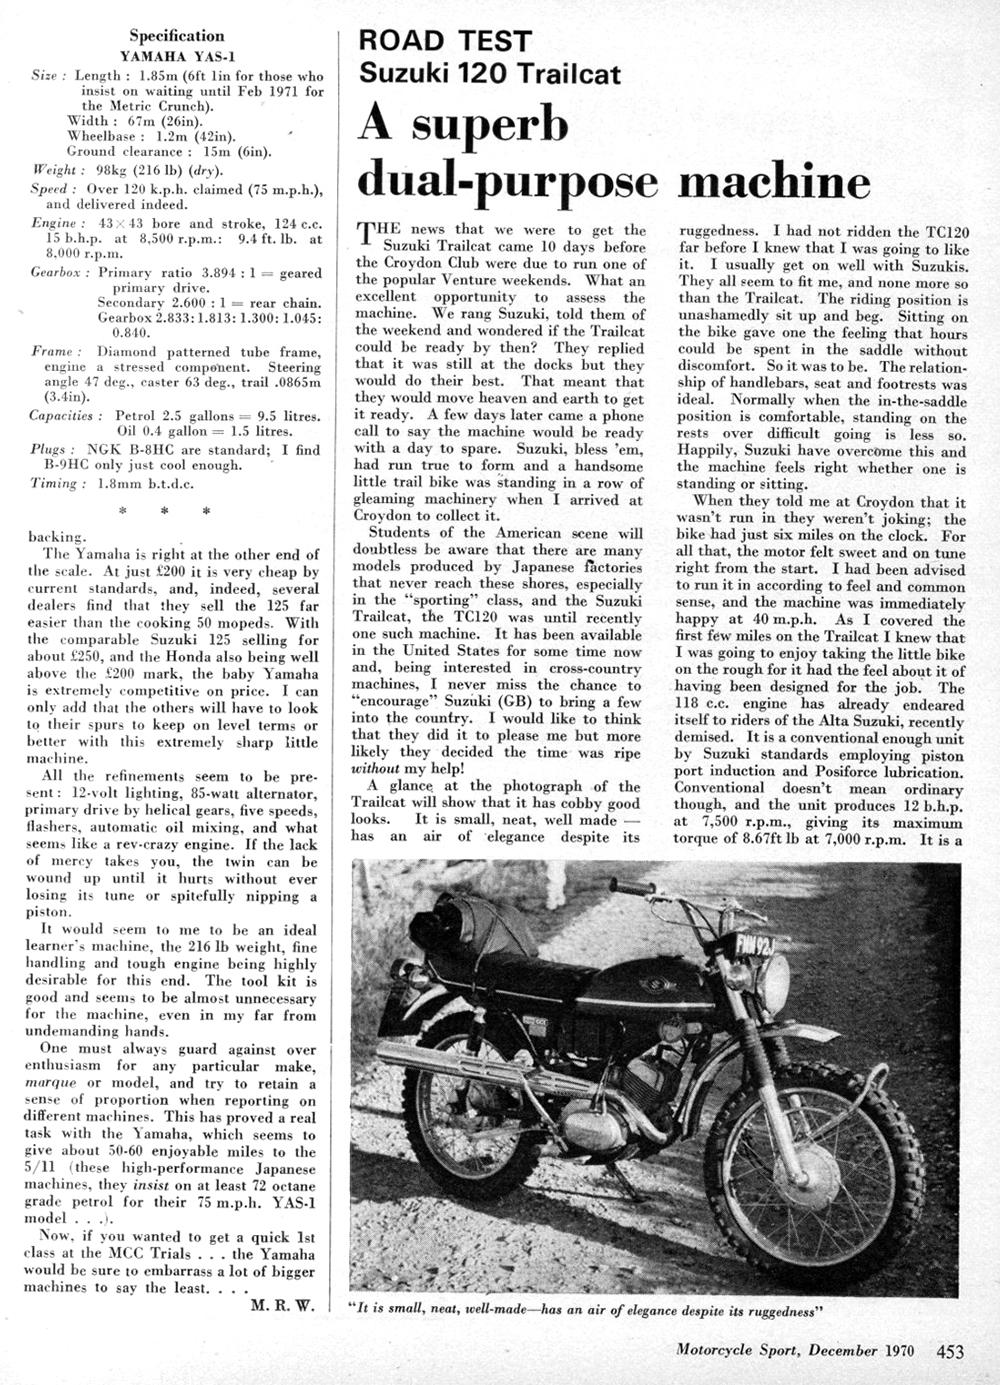 1971 Suzuki 120 Trailcat road test 1.jpg